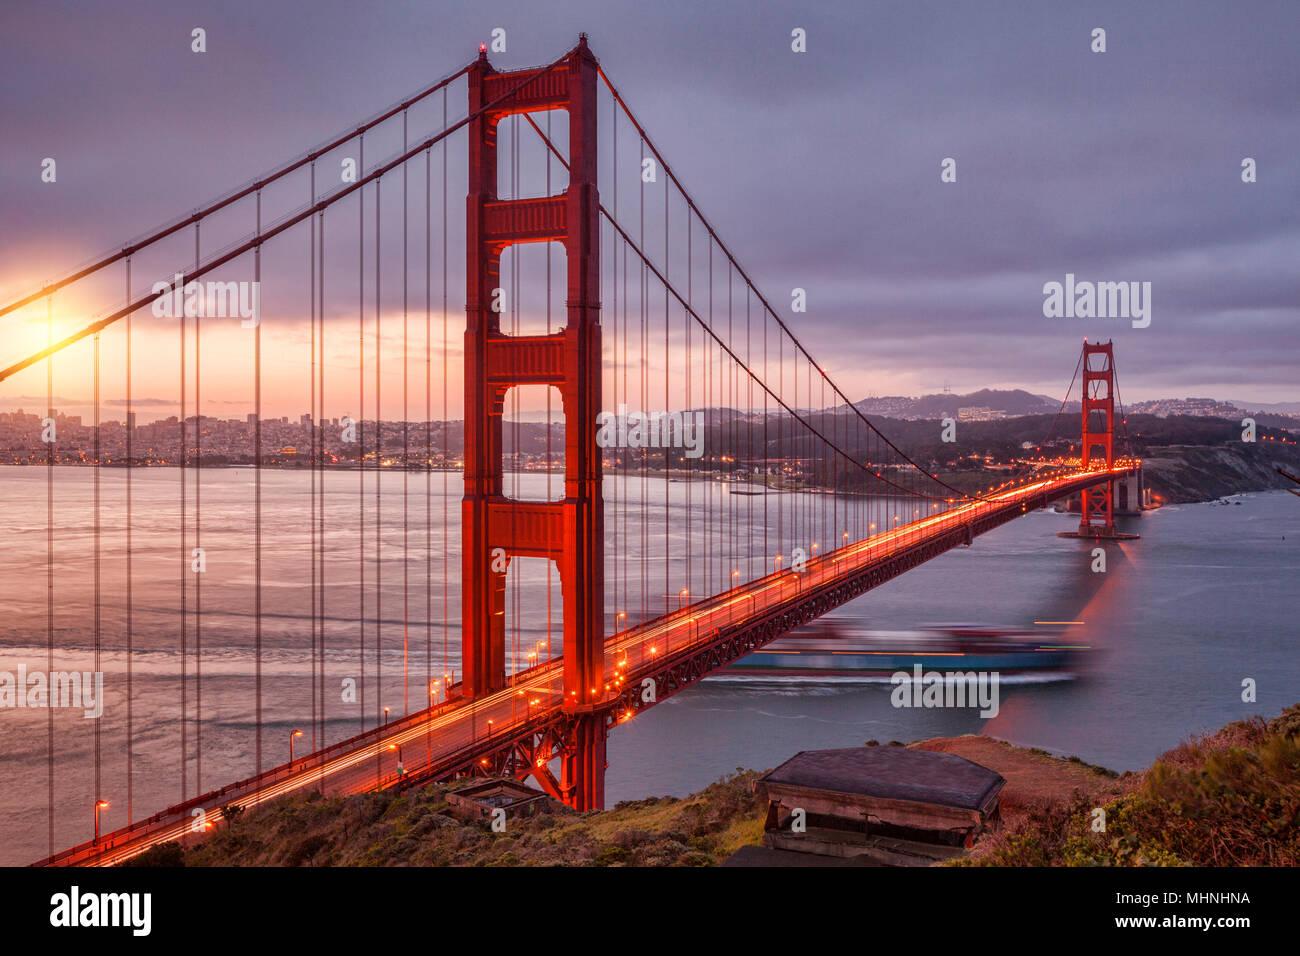 Le Golden Gate Bridge, San Francisco, de la batterie Spencer à l'aube, à la circulation sur le pont et un porte-conteneurs de la voile de la baie. Photo Stock